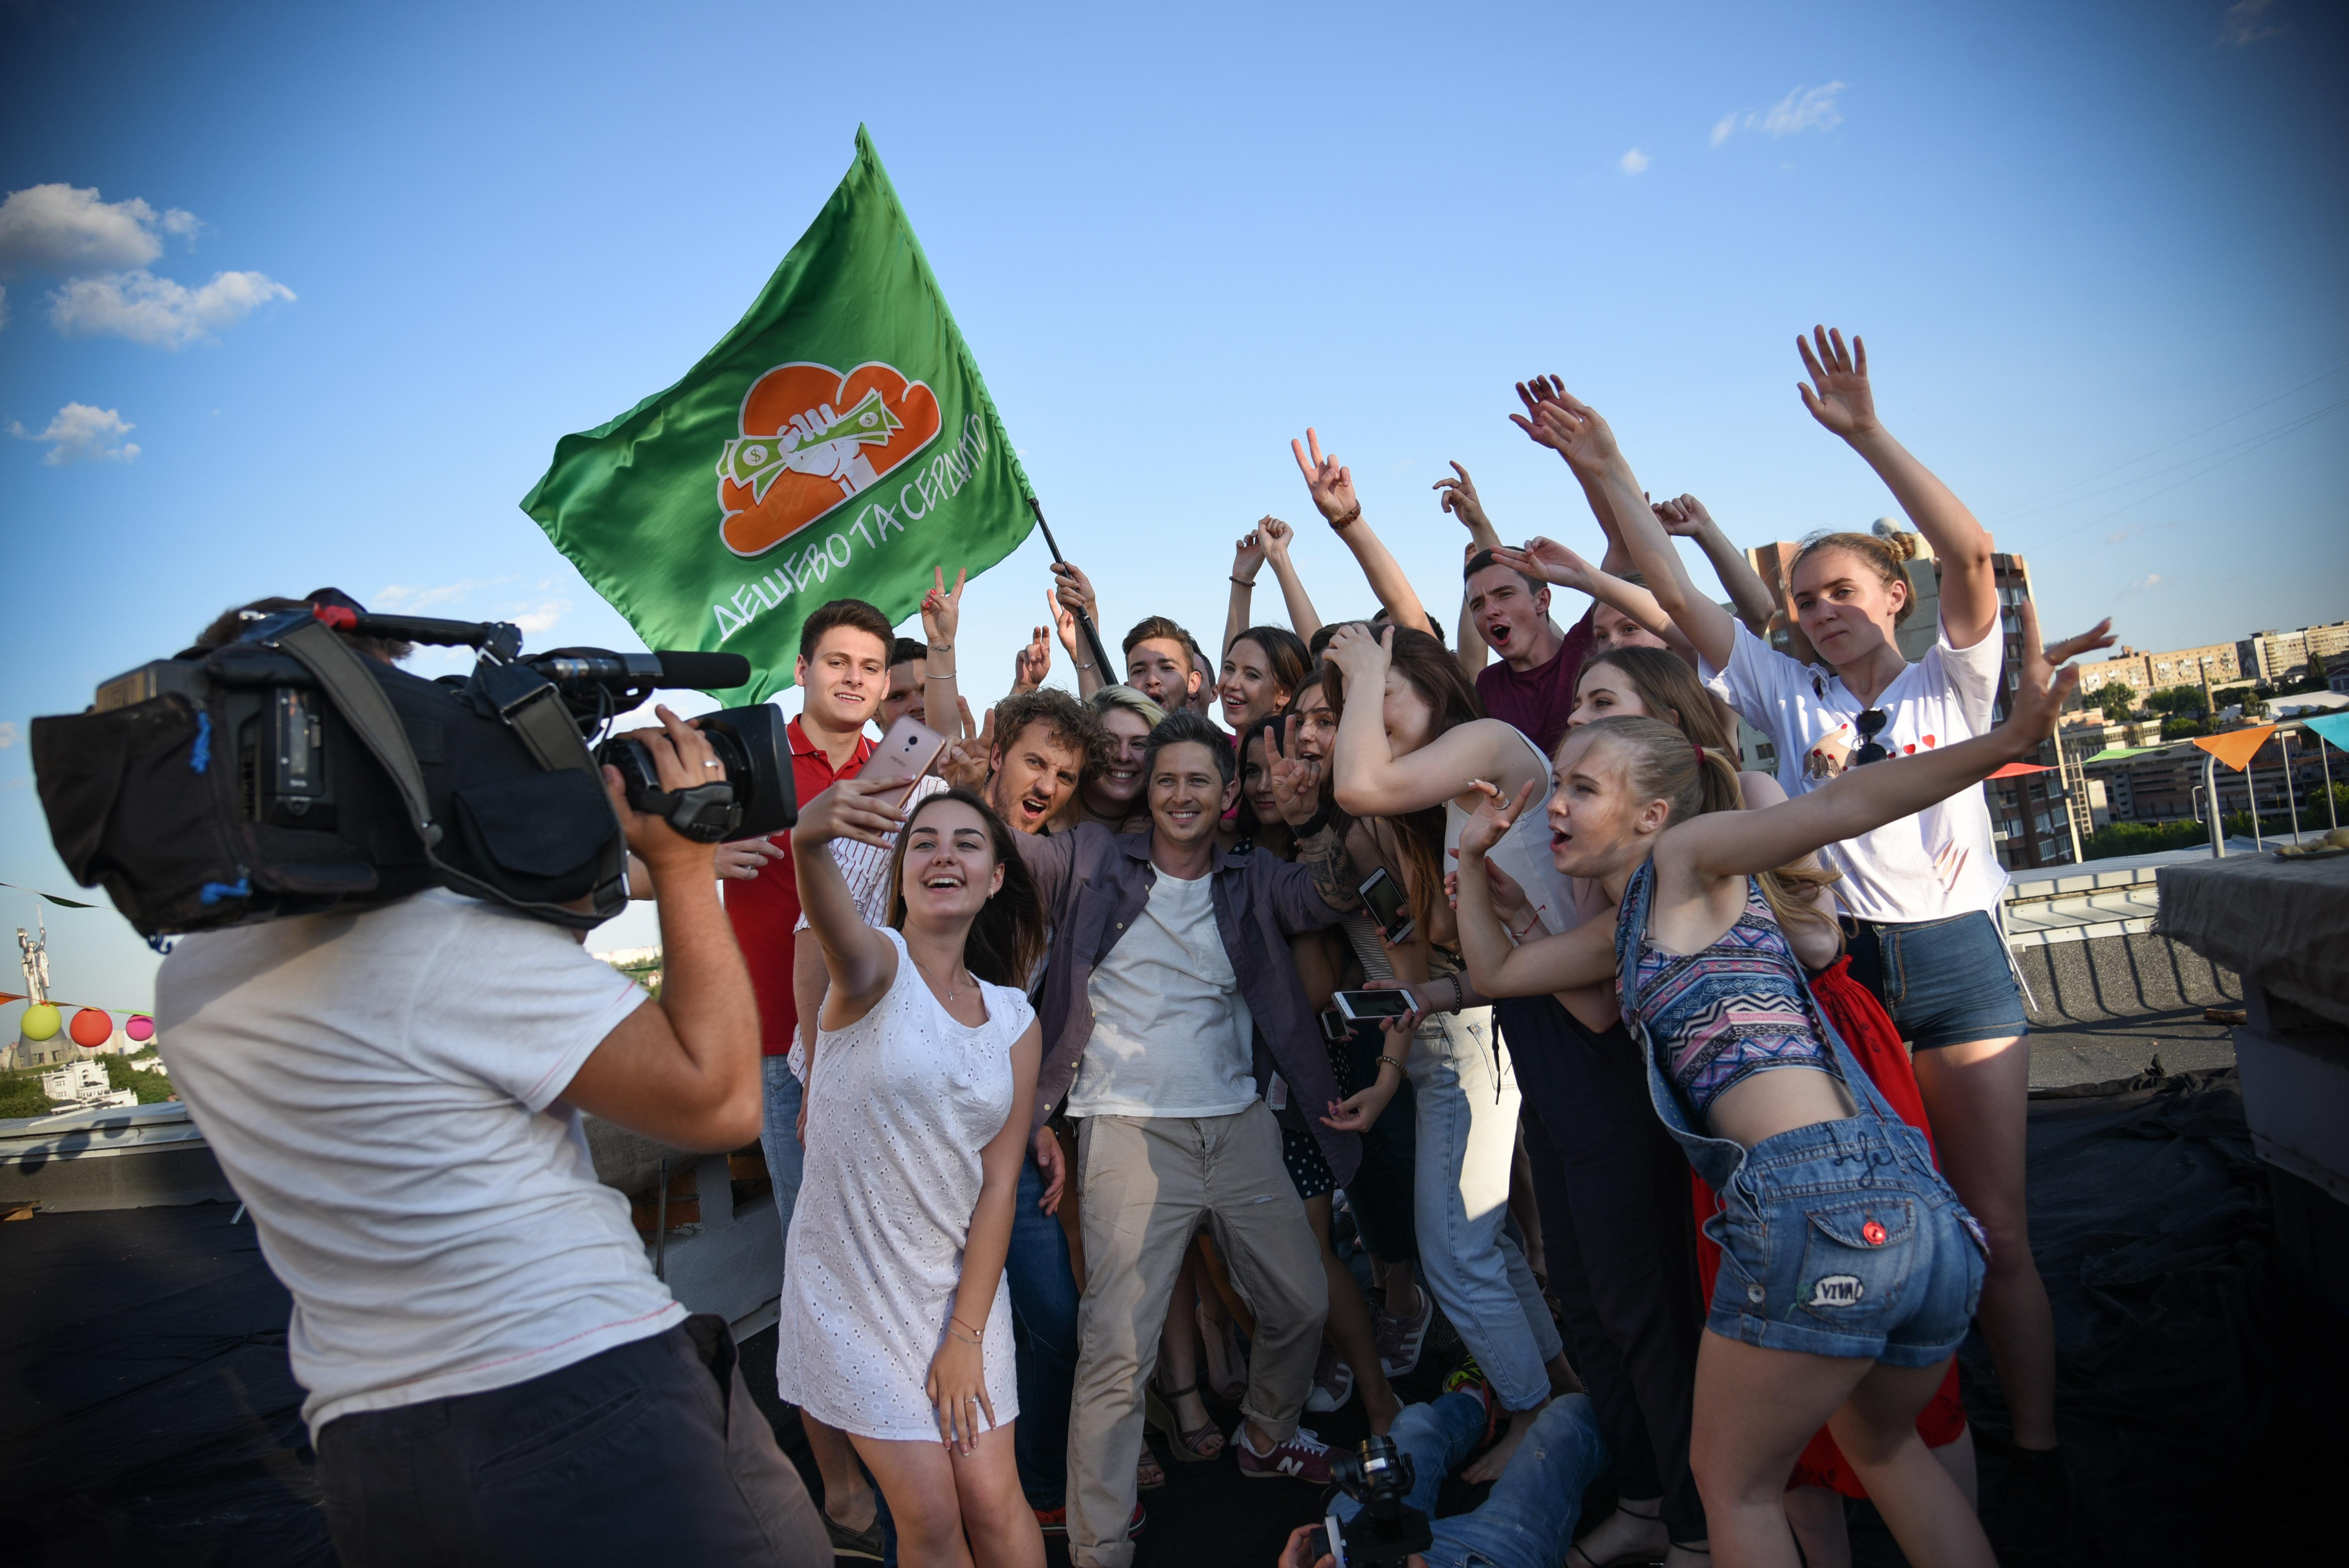 Олександр Педан і Катерина Павлюченко у третьому сезоні «Дешево та сердито» обіцяють «кулінарну революцію»